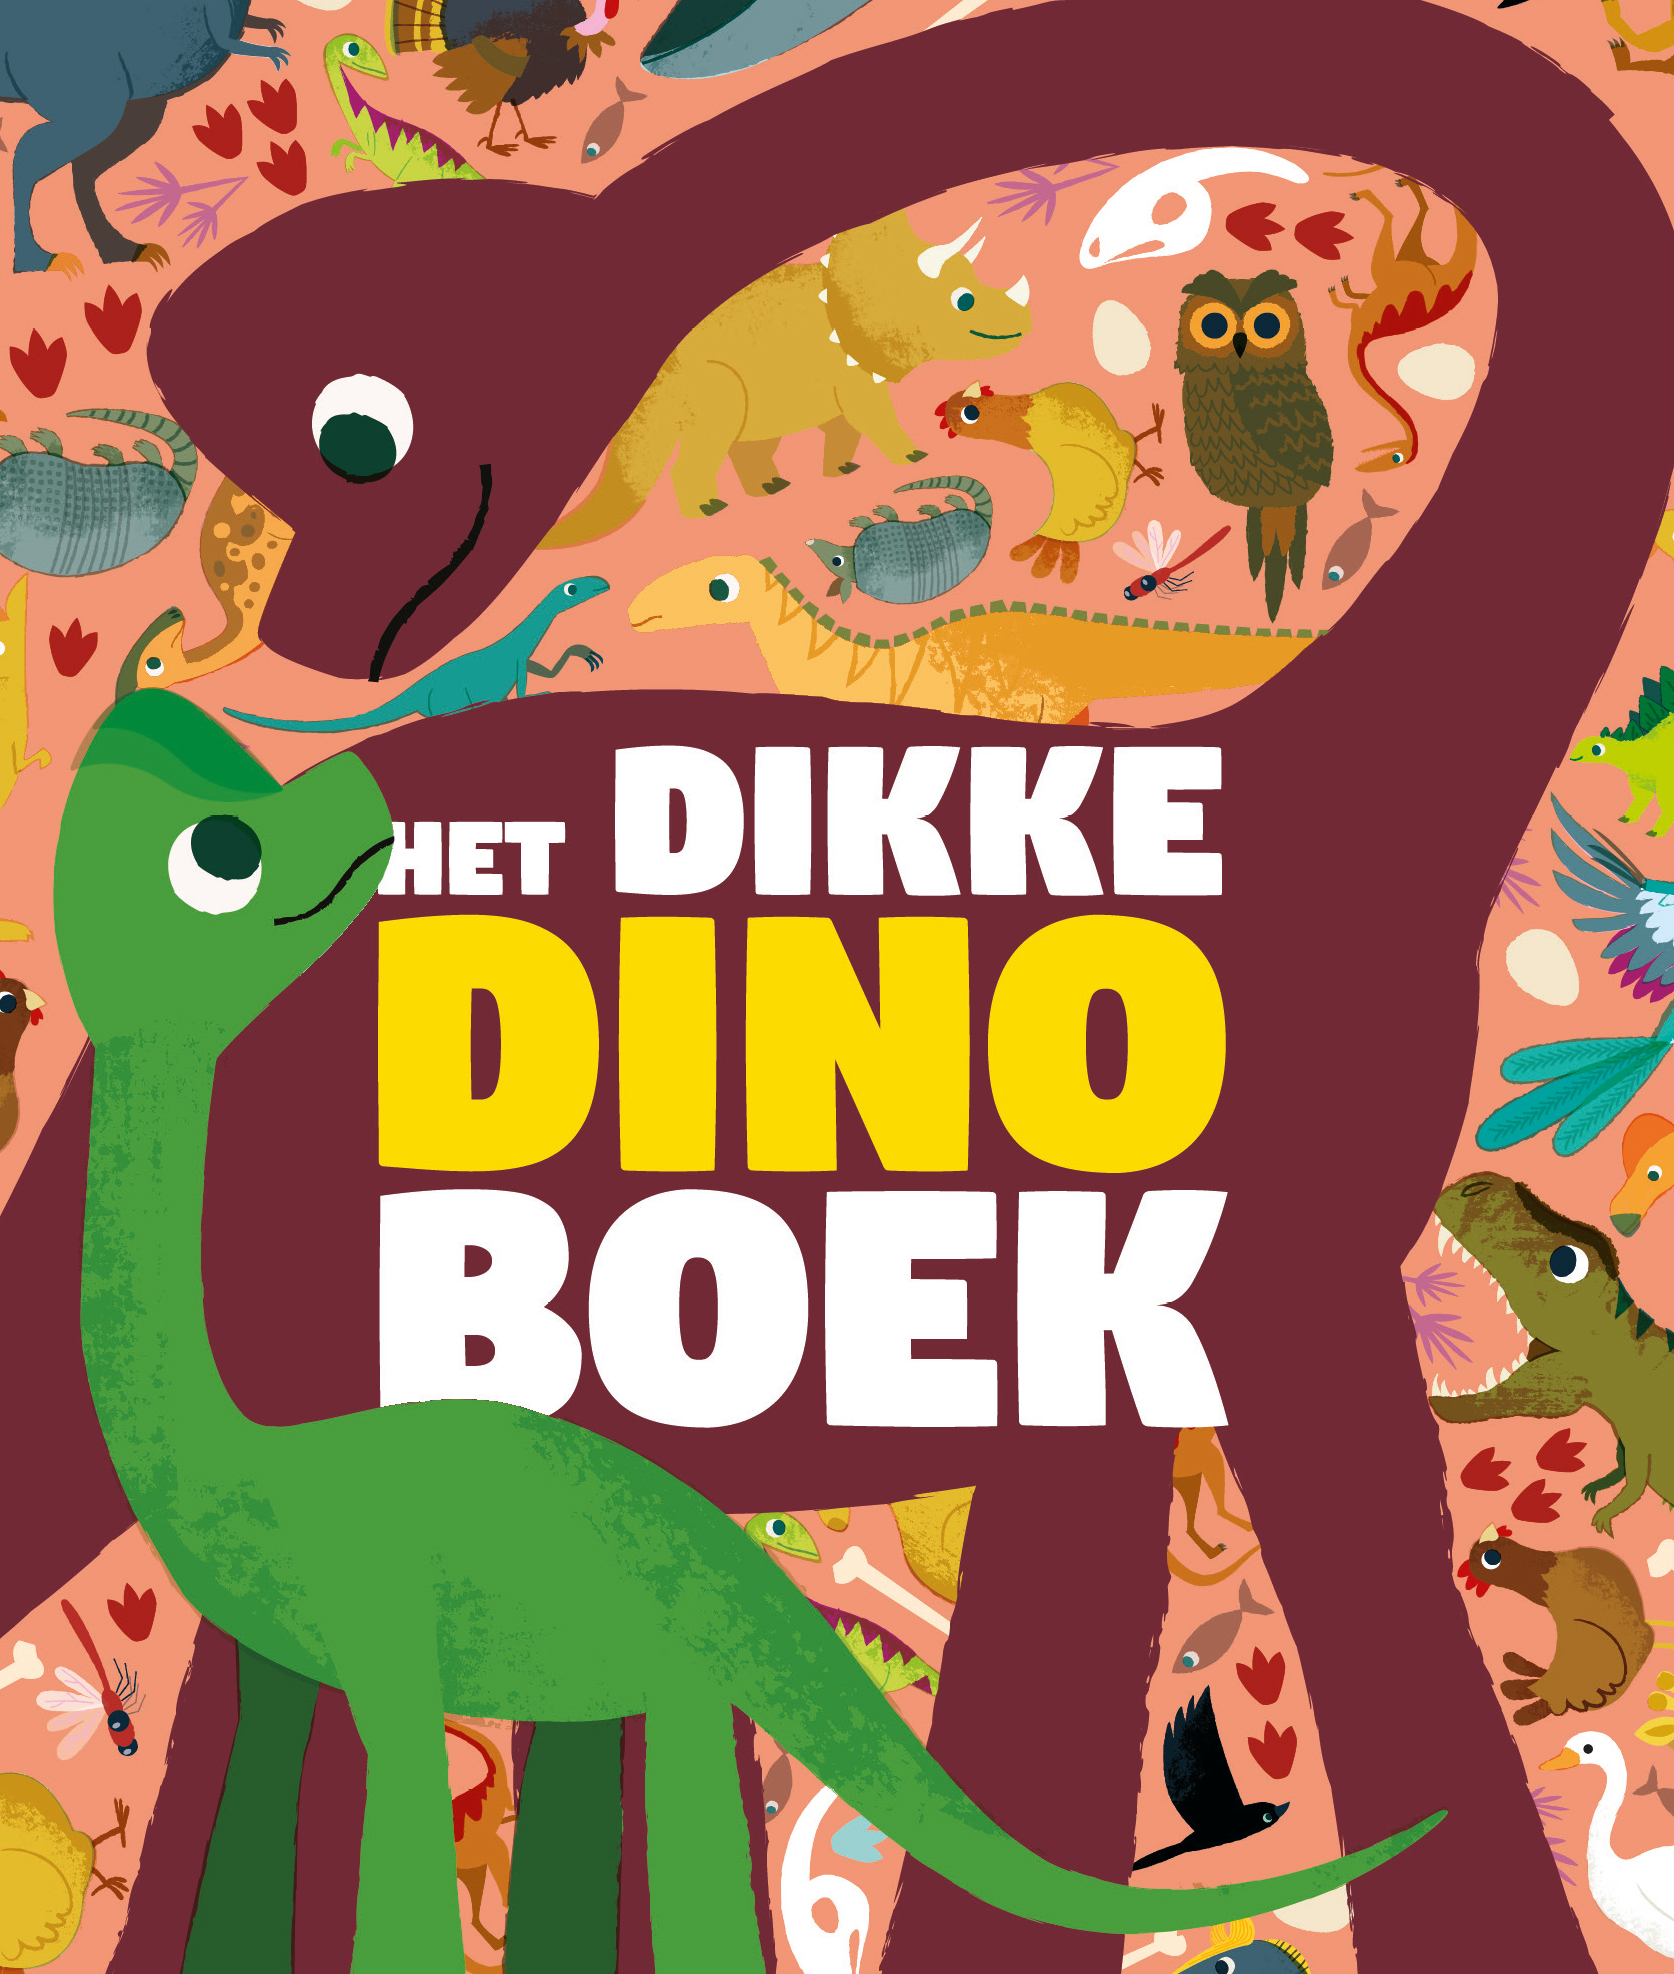 Het dikke Dino boek cover